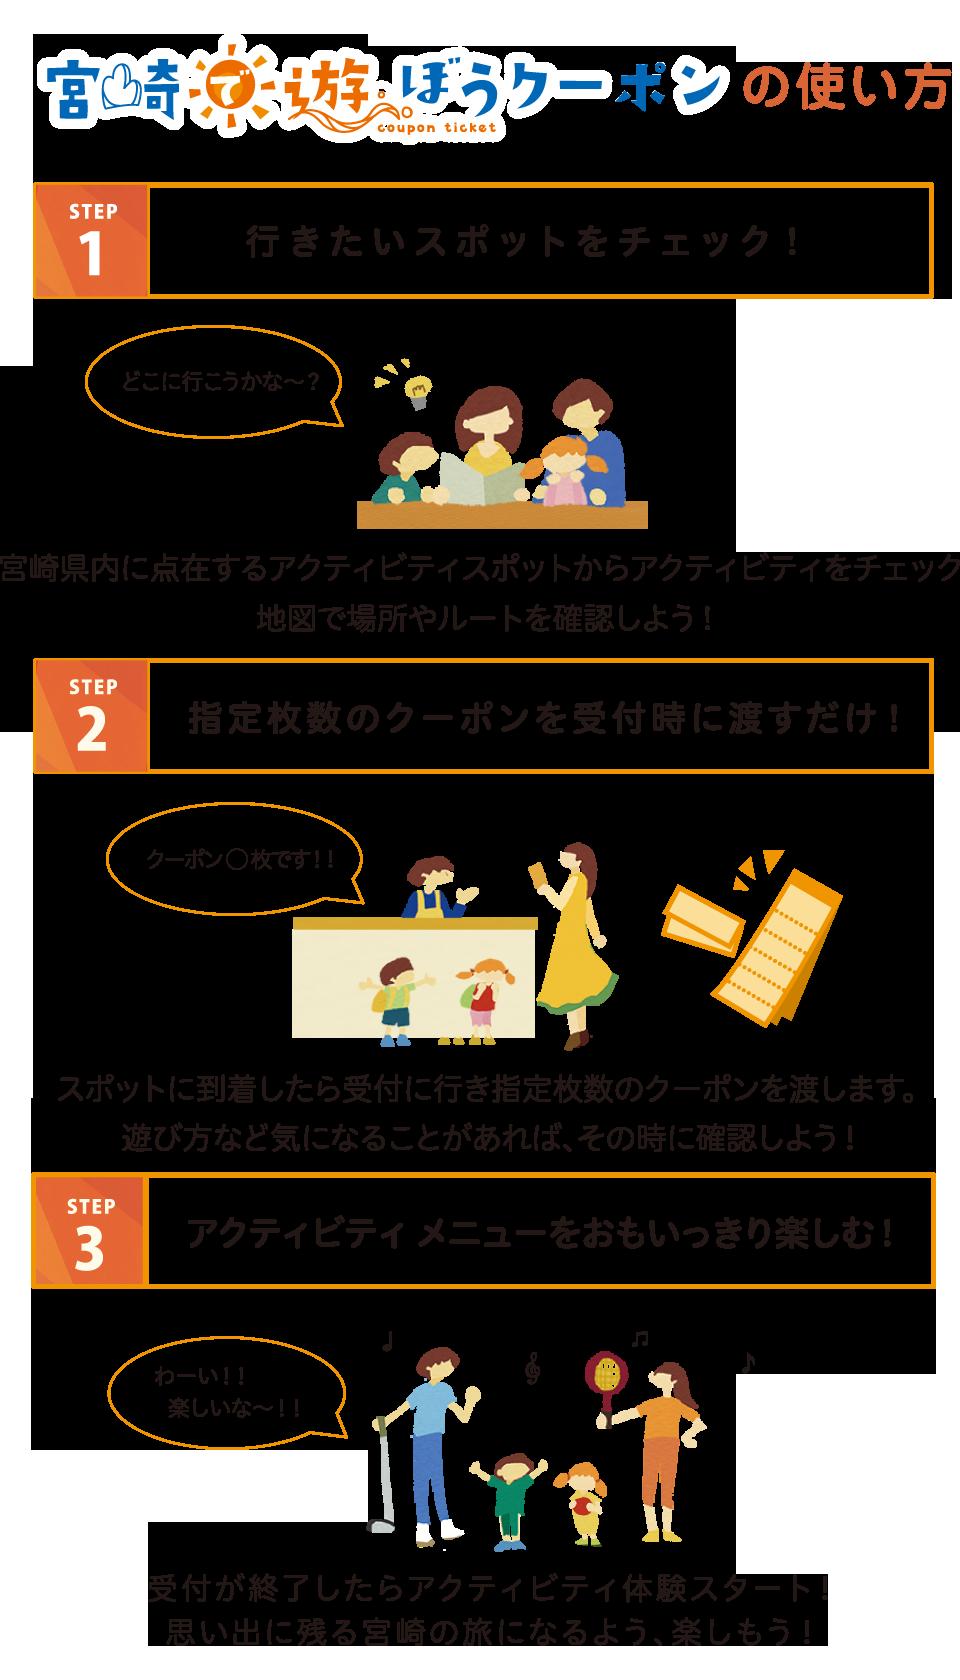 宮崎で遊ぼうクーポンの使い方